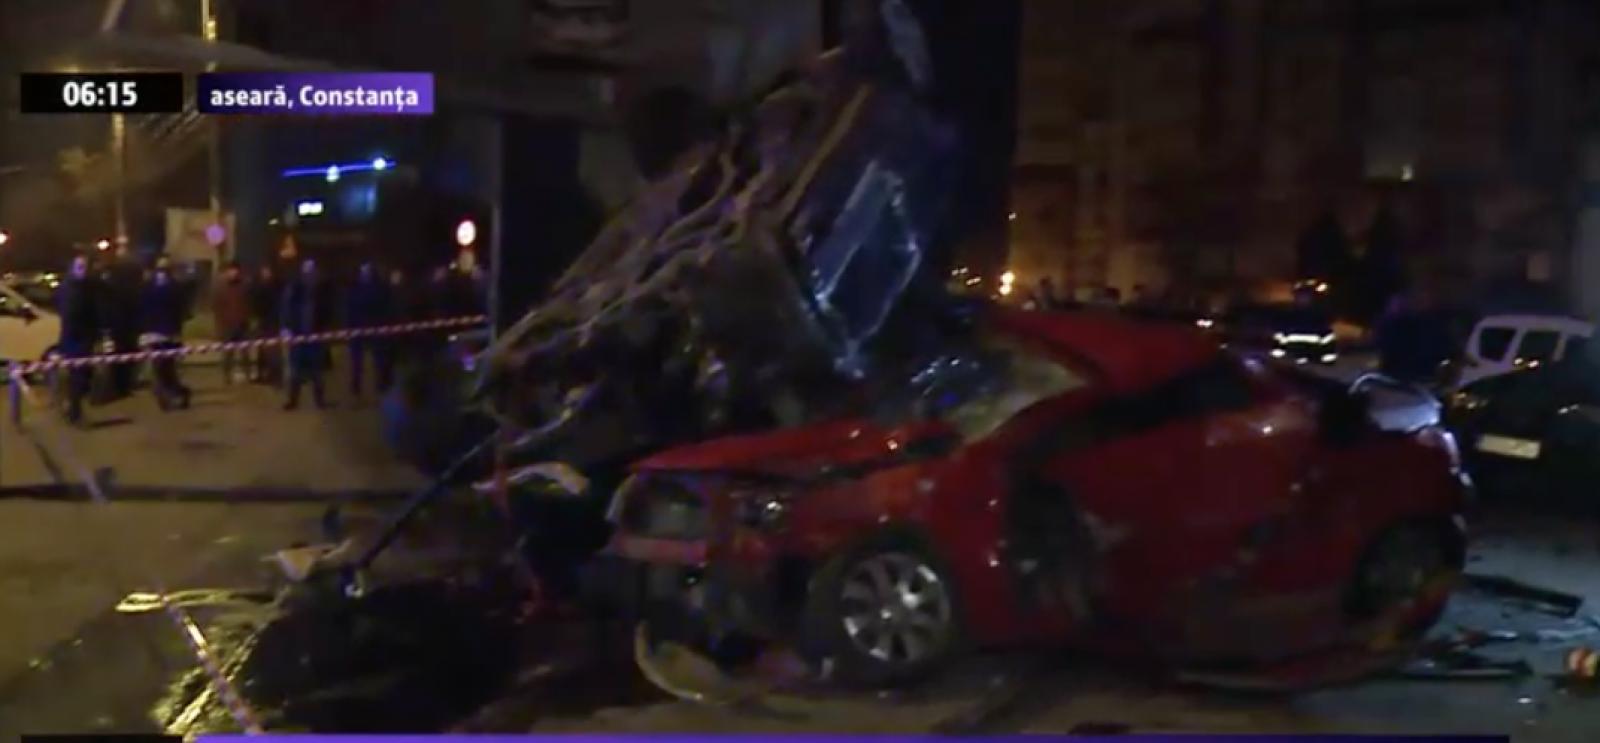 (video) România: Zece vehicule distruse, după ce o femeie a scăpat mașina de sub control și a lovit un stâlp